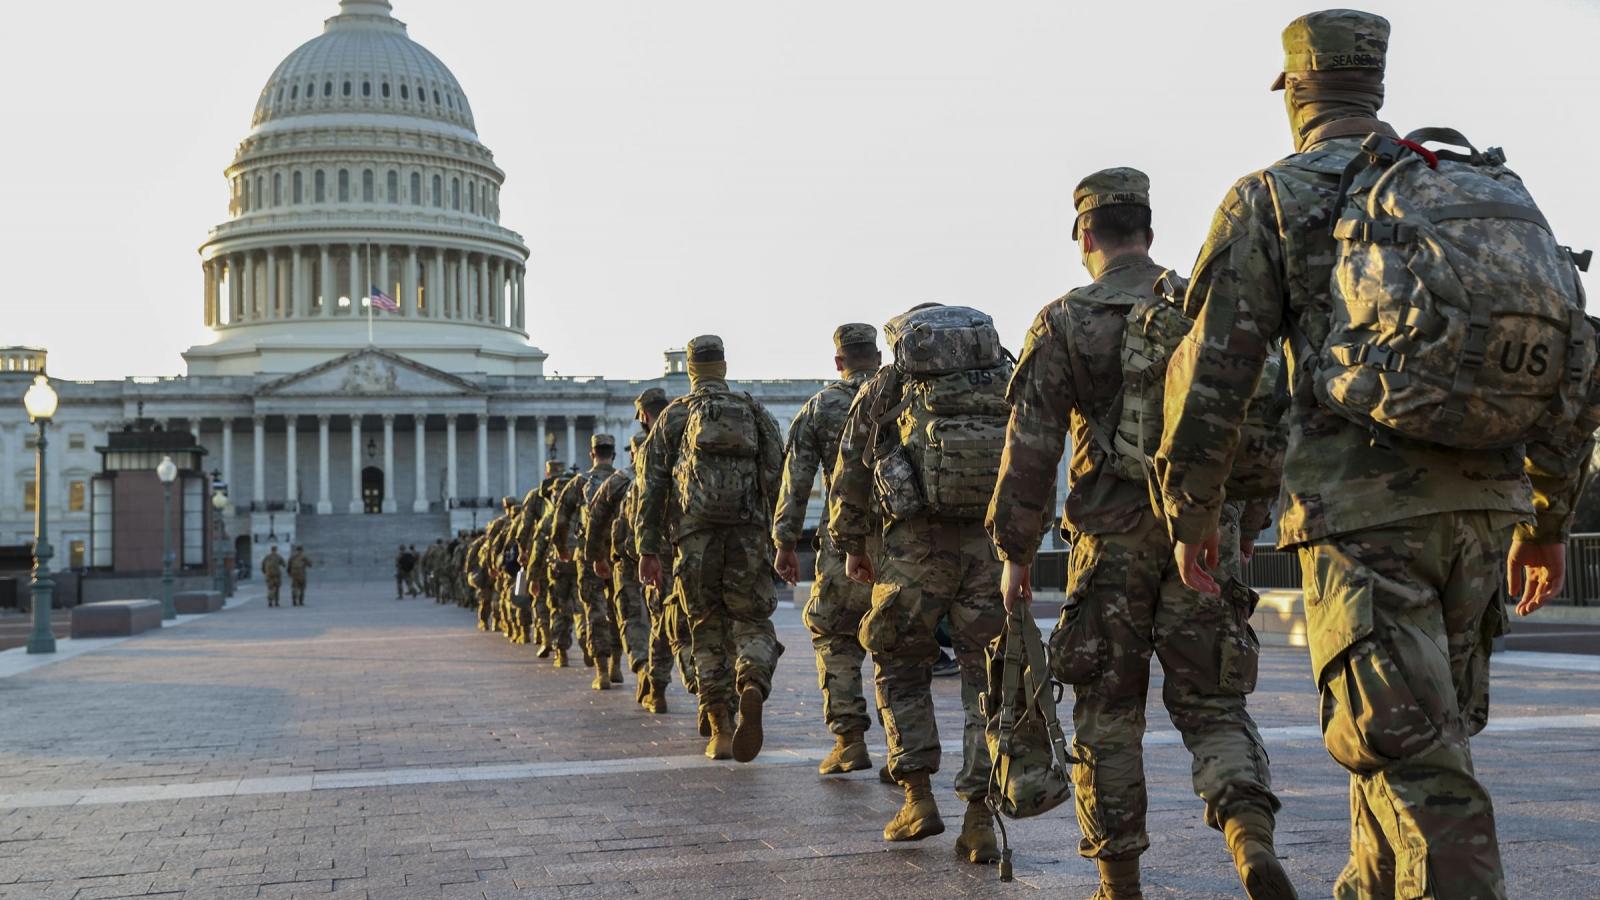 Mỹ thắt chặt an ninh đồi Capitol sau cảnh báo âm mưu bị tấn công